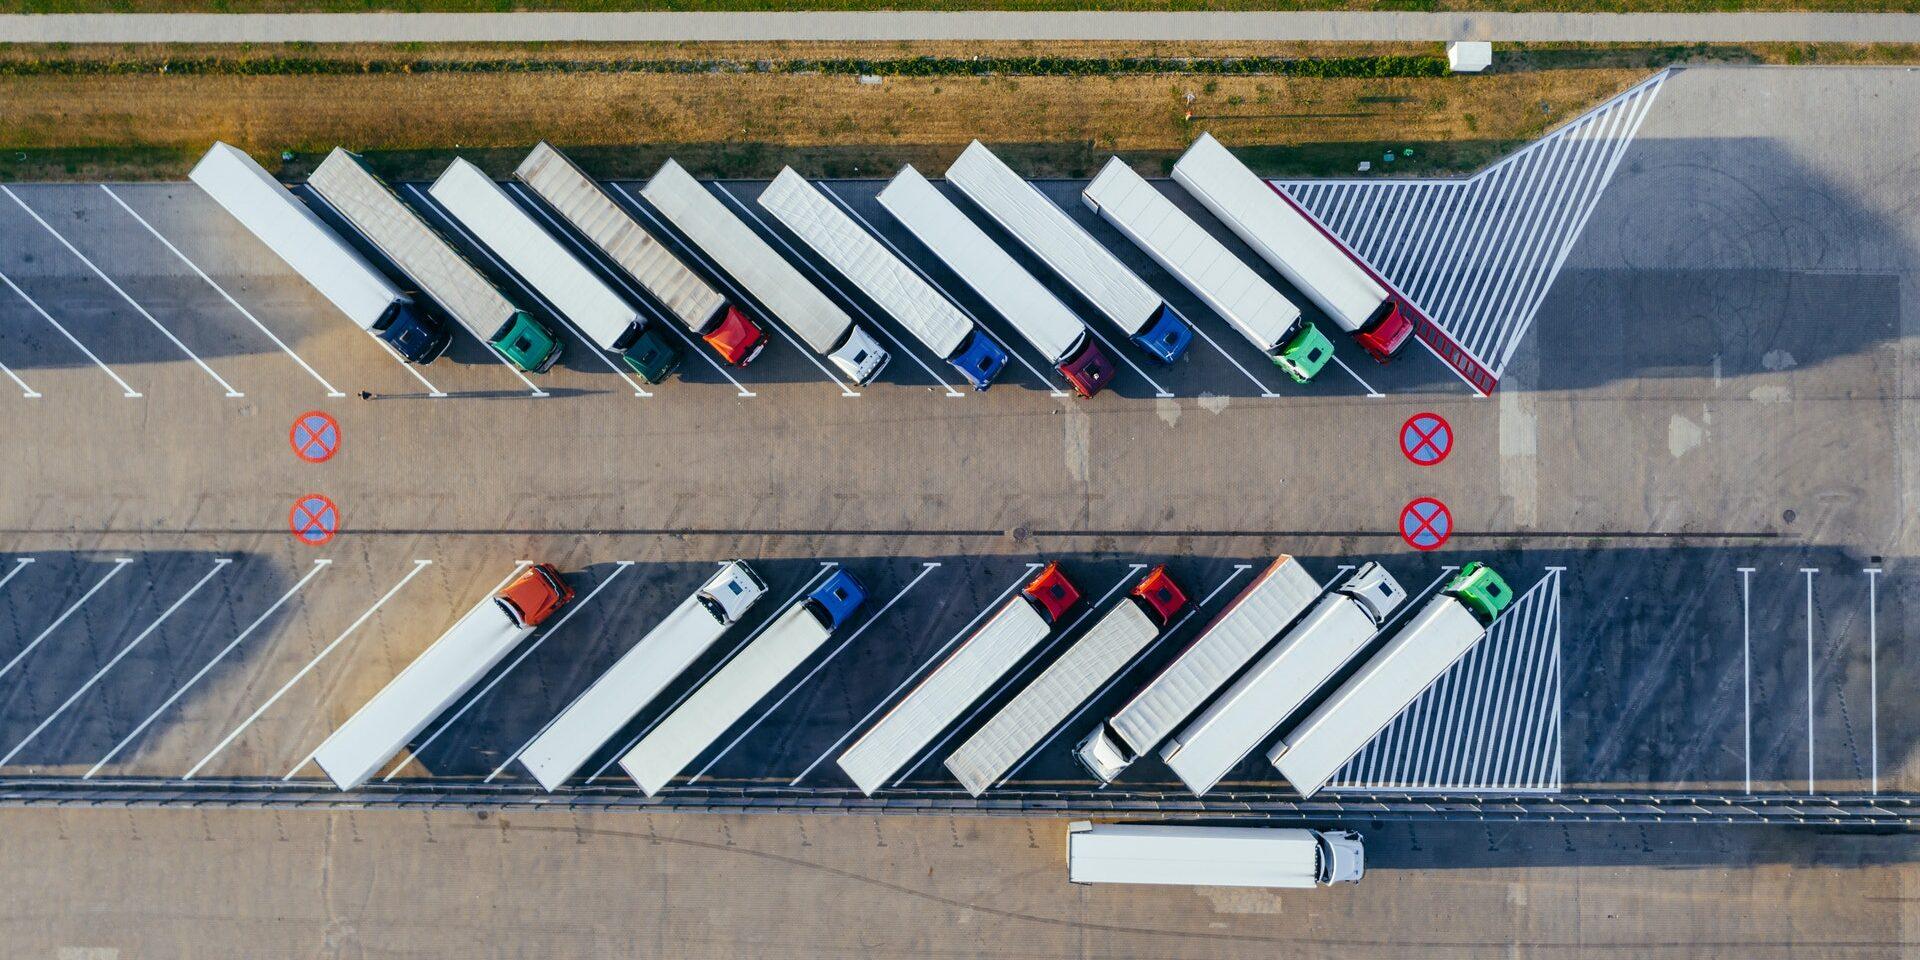 Ilmakuva parkkipaikalta, jossa on useita vinoon linjaan pysäköityjä kuorma-autoja riveissä.